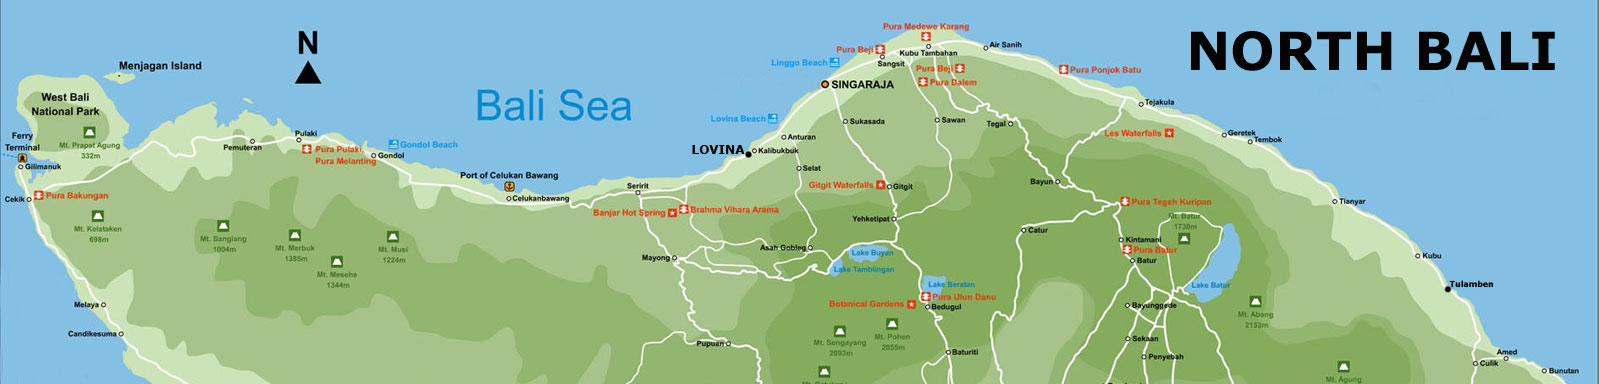 north-bali-map